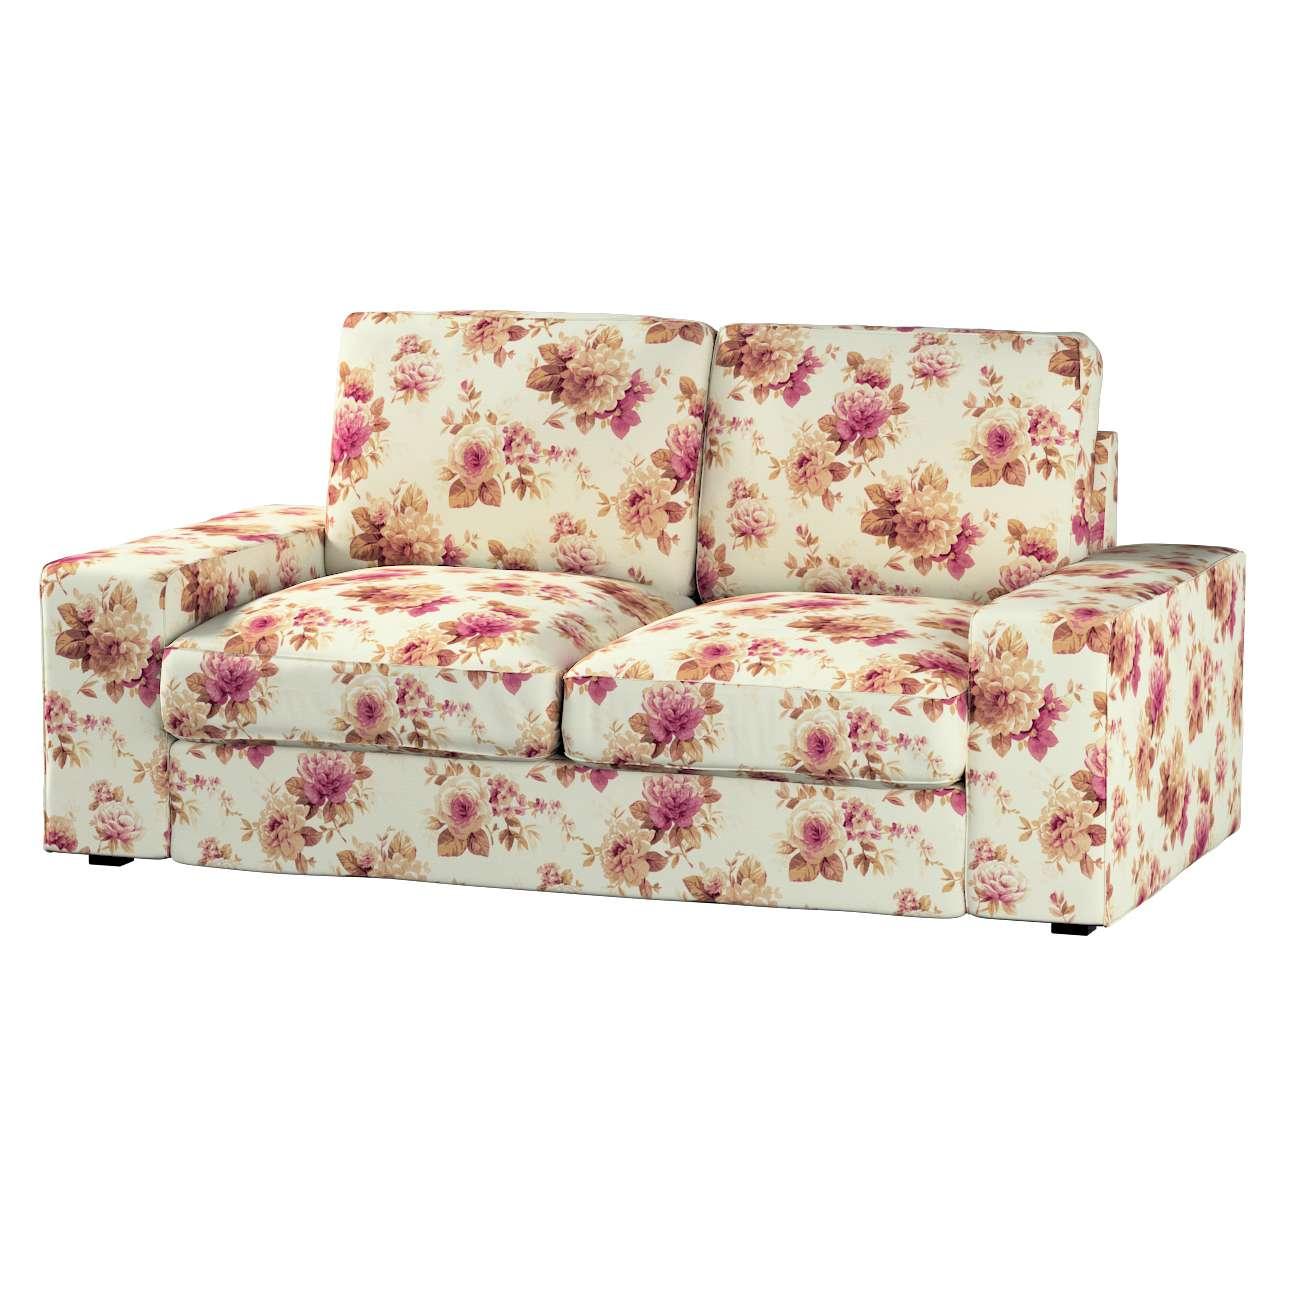 KIVIK dvivietės sofos užvalkalas Kivik 2-seat sofa kolekcijoje Mirella, audinys: 141-06